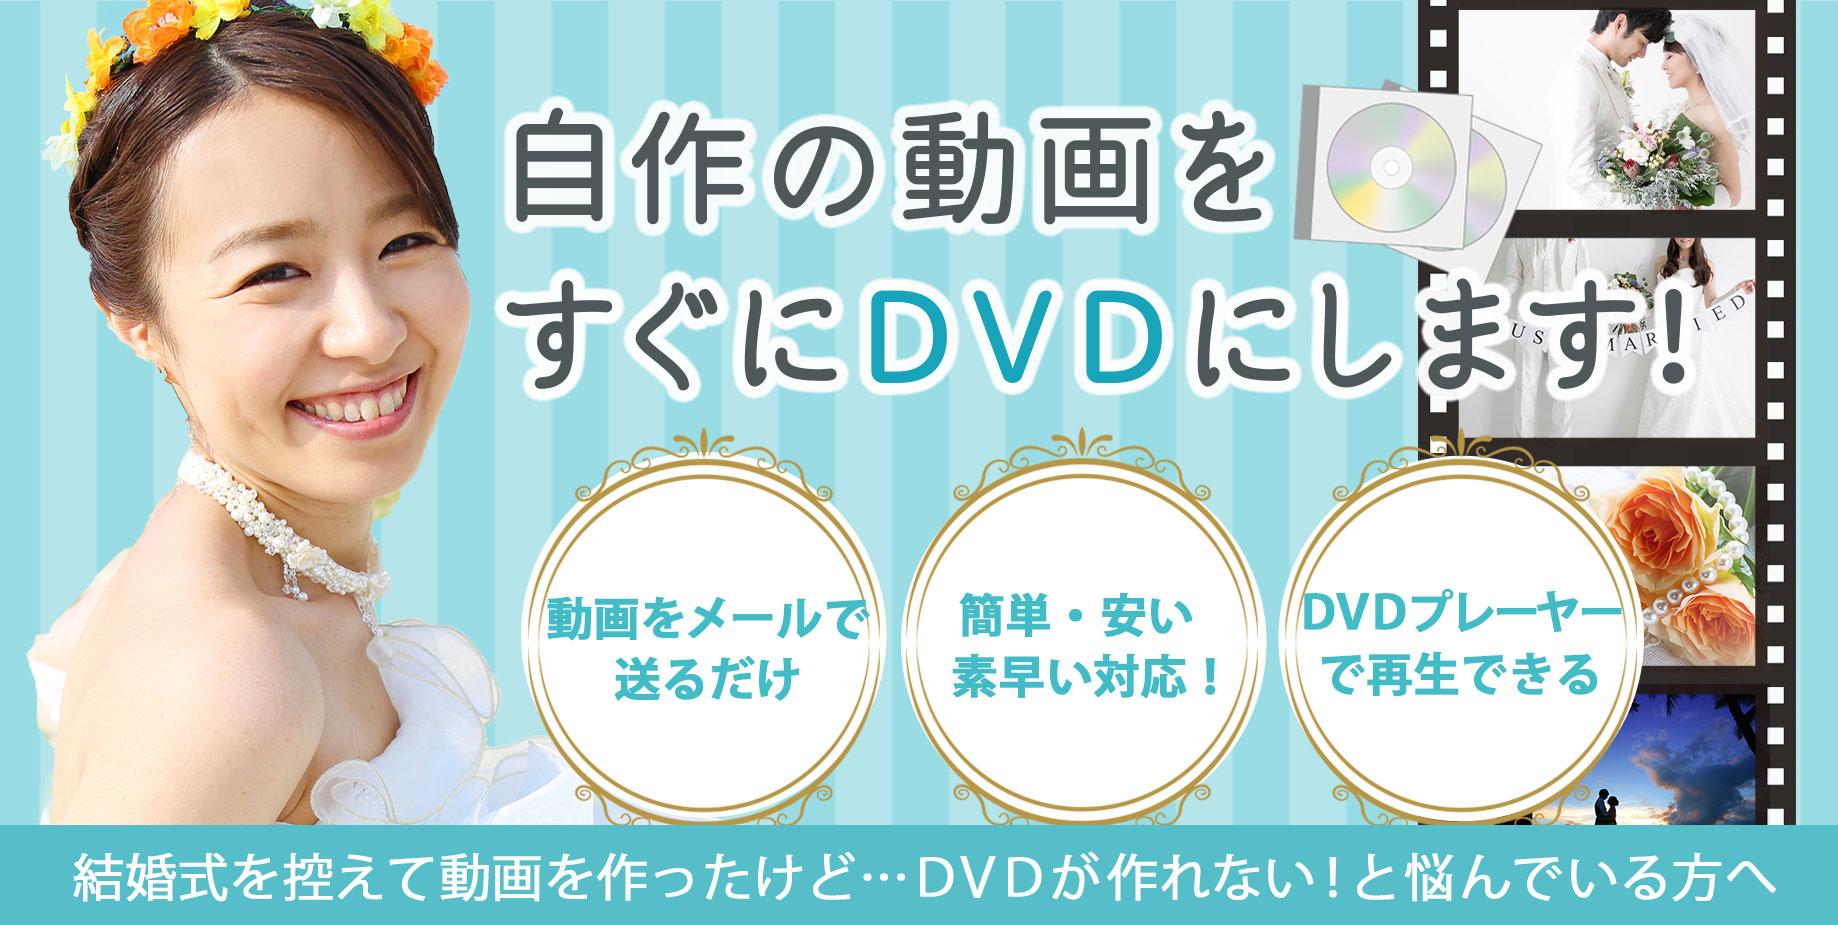 スマホの動画もDVDに書き込めるwebサービス